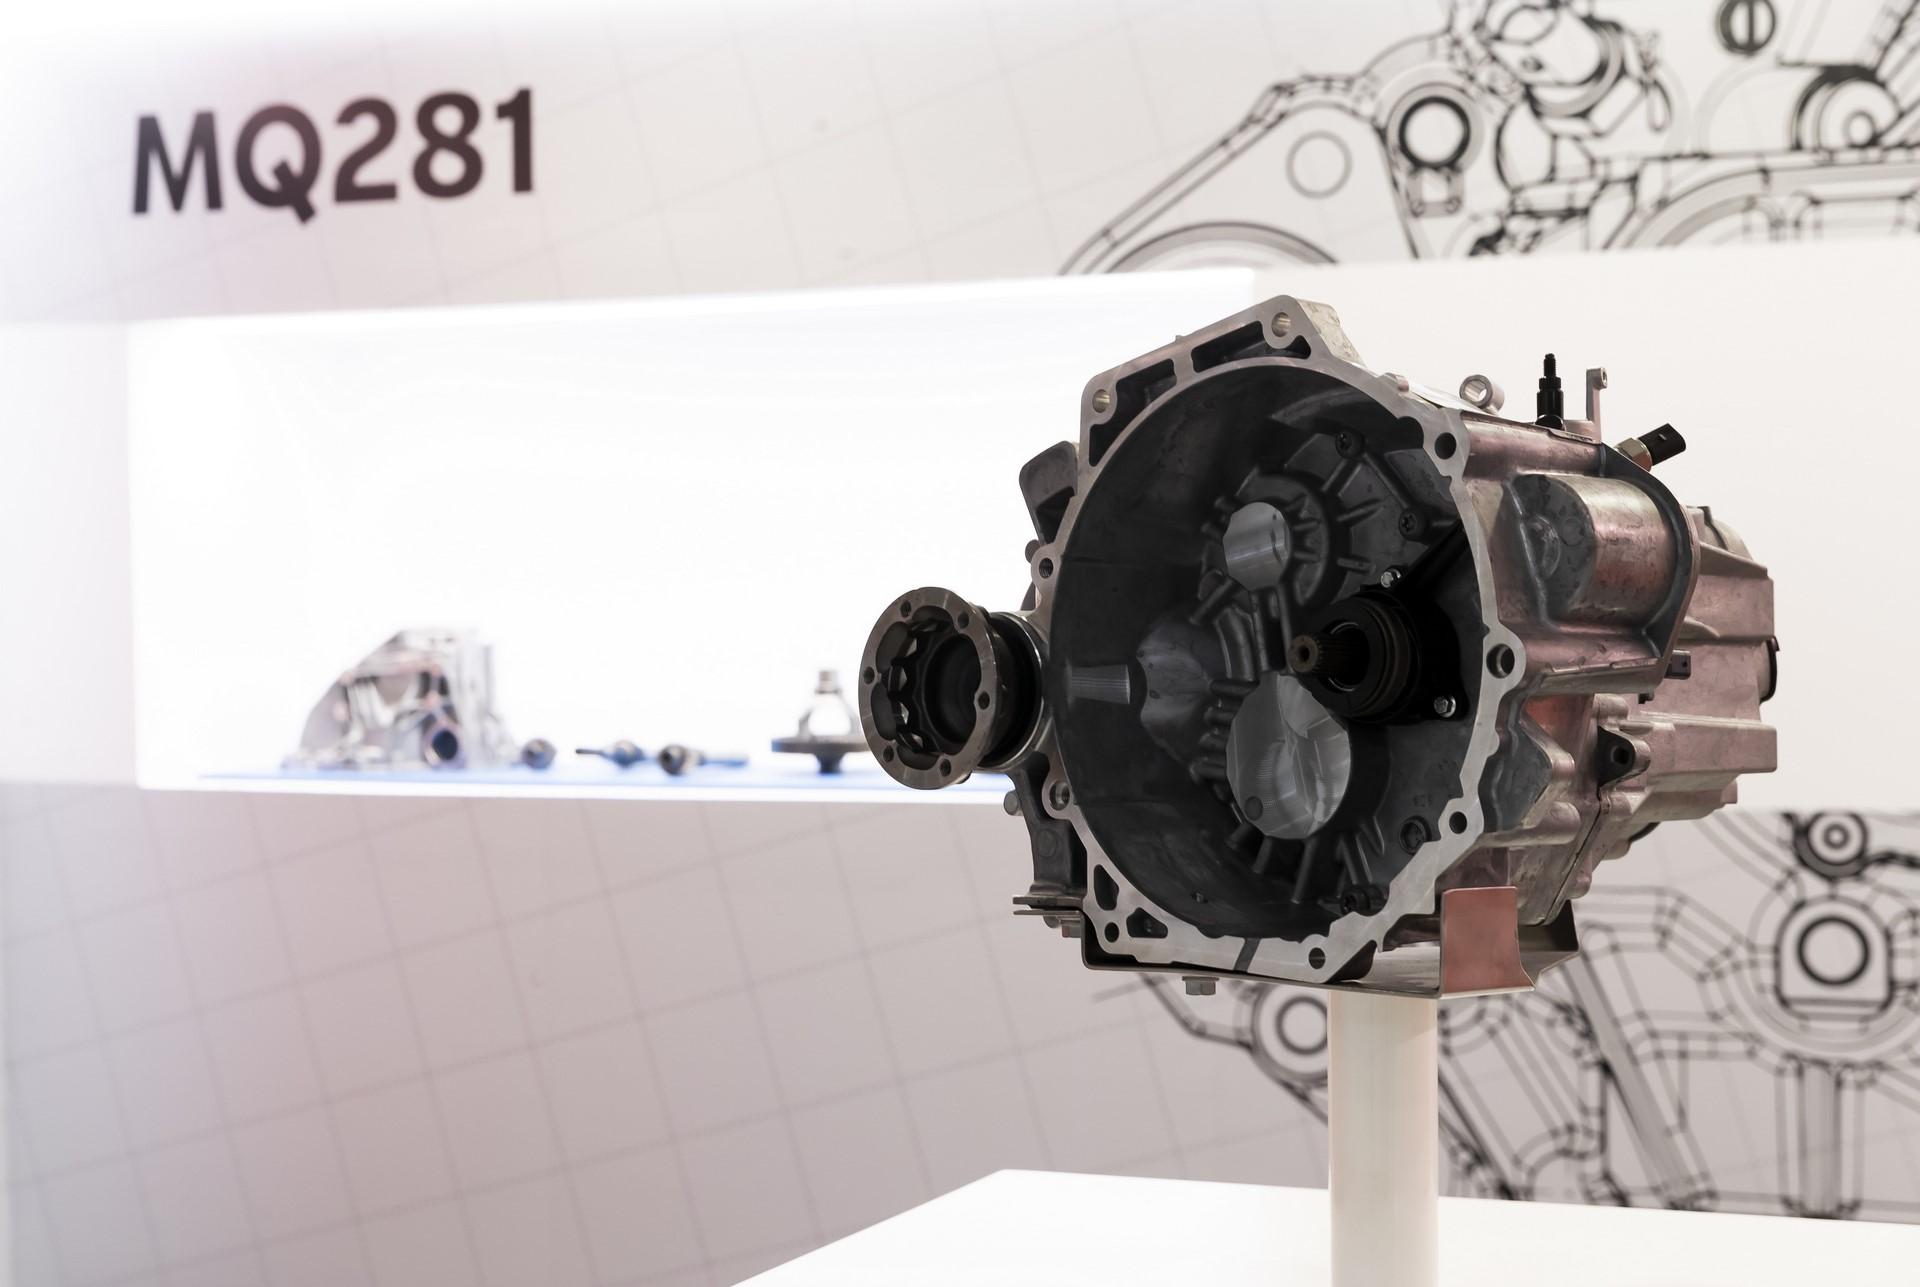 VW-new-MQ281-manual-gearbox-2